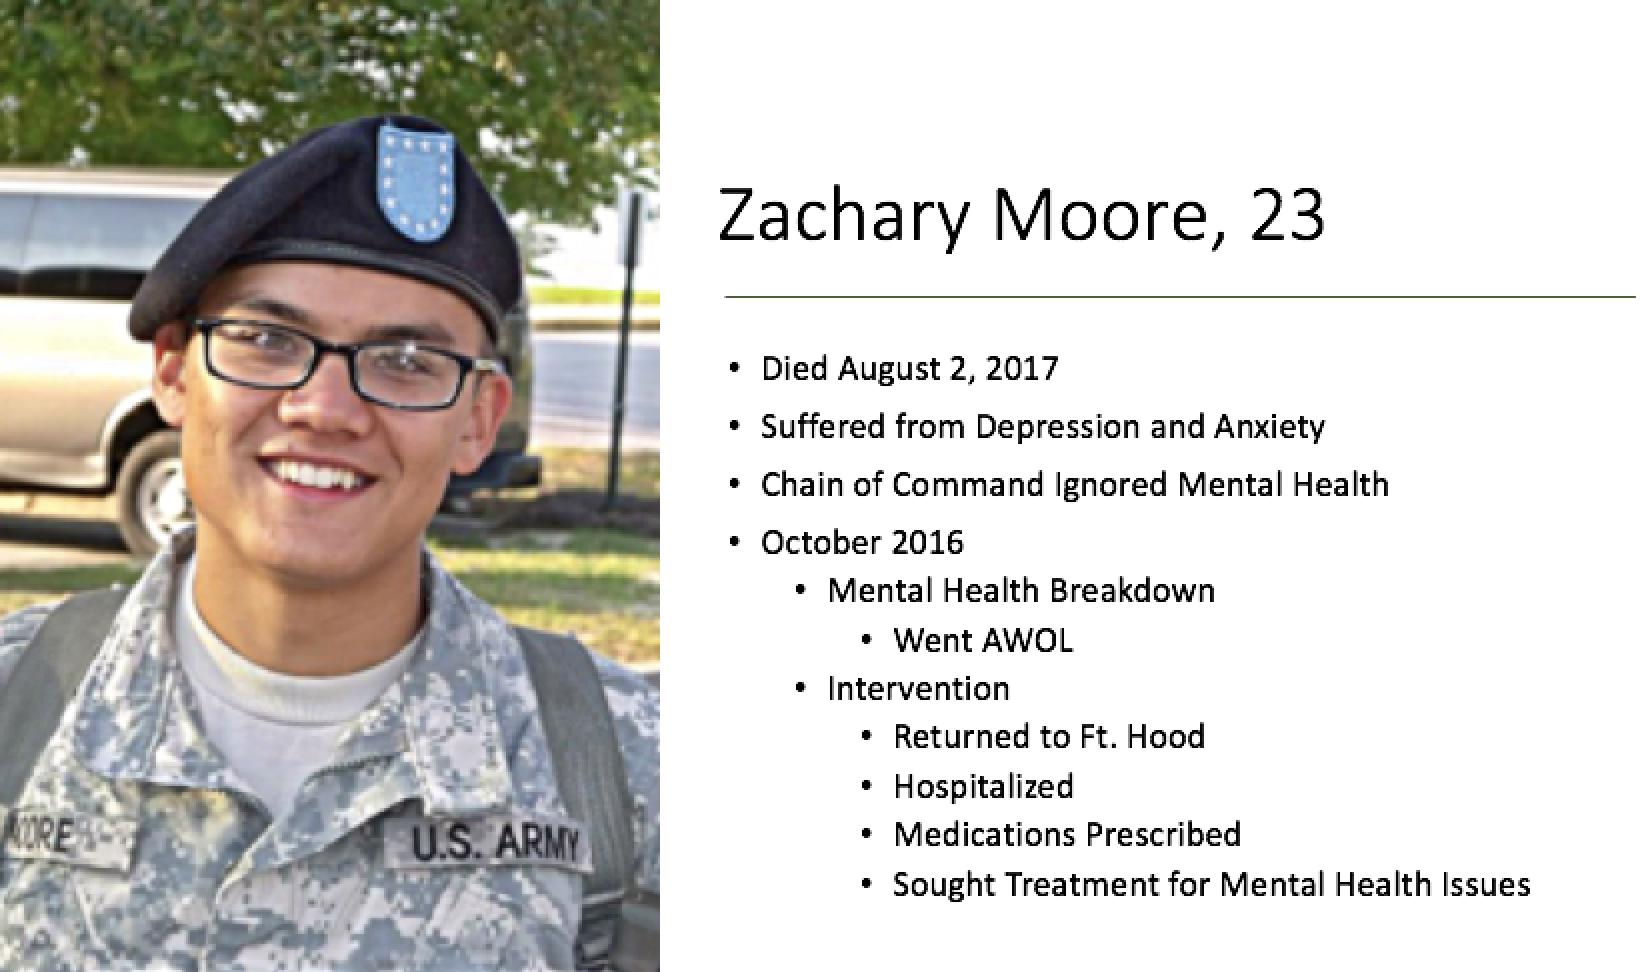 Zachary Moore